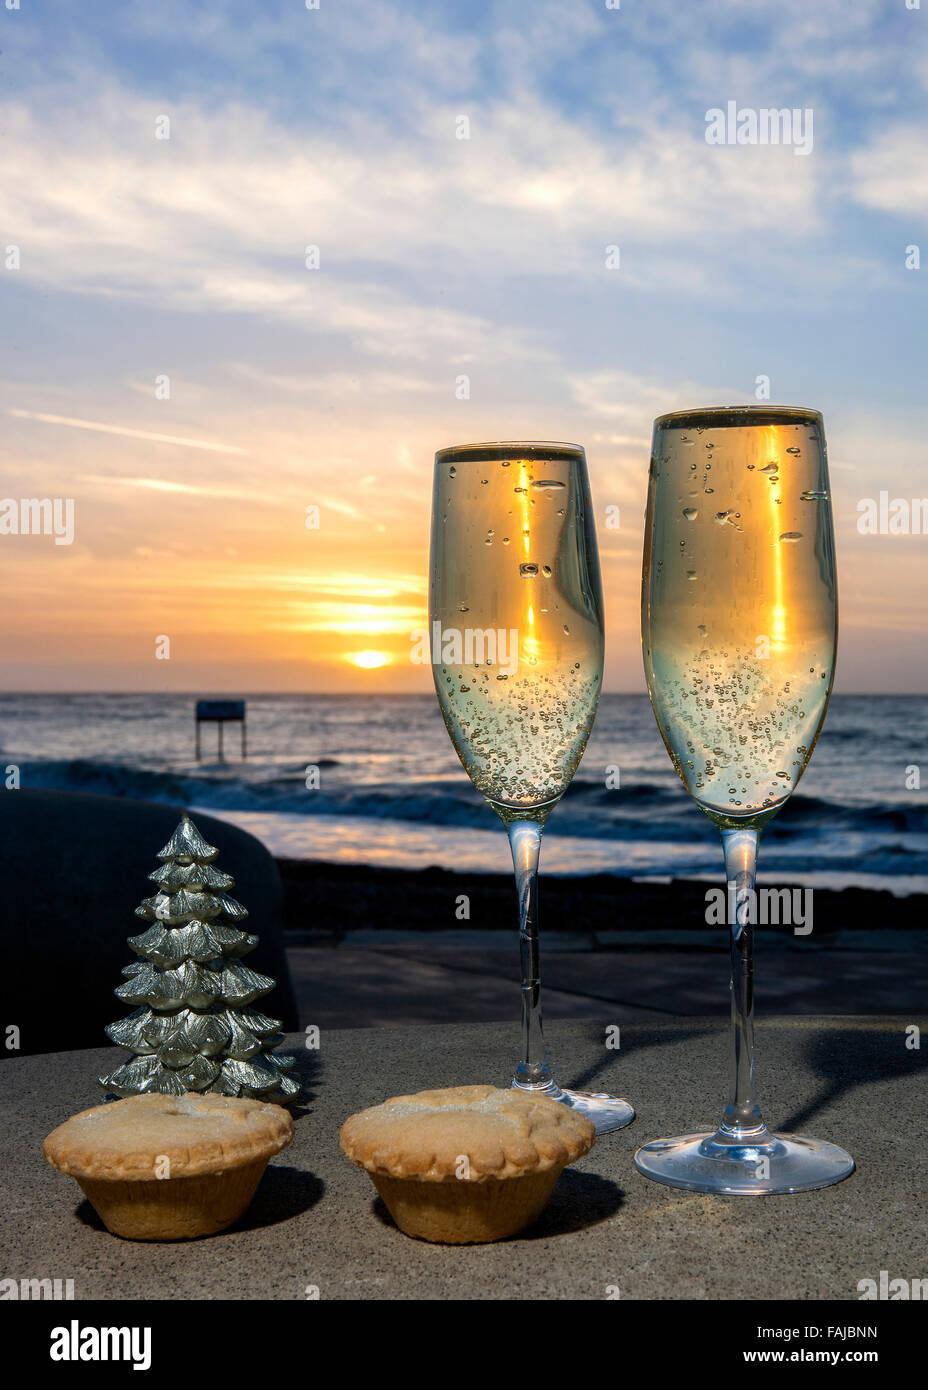 Champagner Mince Pies zu Weihnachten bei Sonnenaufgang auf dem Seeweg Stockbild